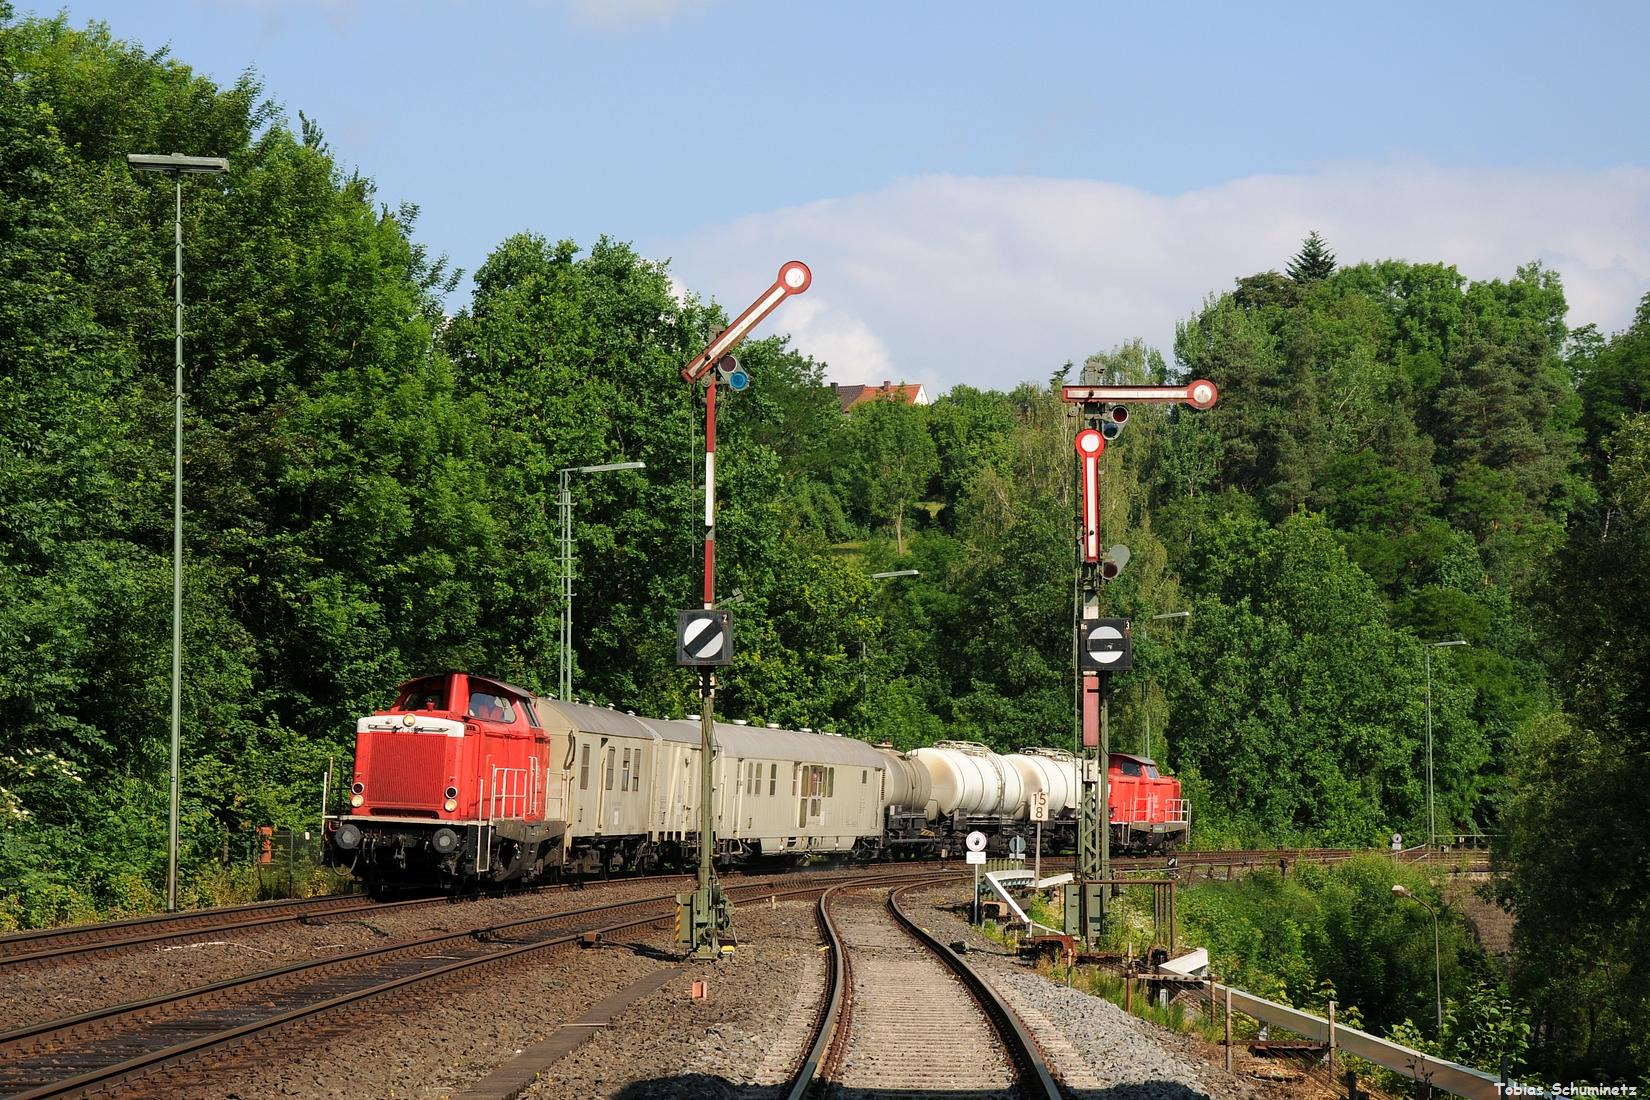 Am Morgen des 18.06.2017 wollte ich die Fahrt des MEG in Richtung Regensburg aufnehmen, als mit der Spritzzug mit 212 298 und 212 265 in Windischeschenbach überraschte.